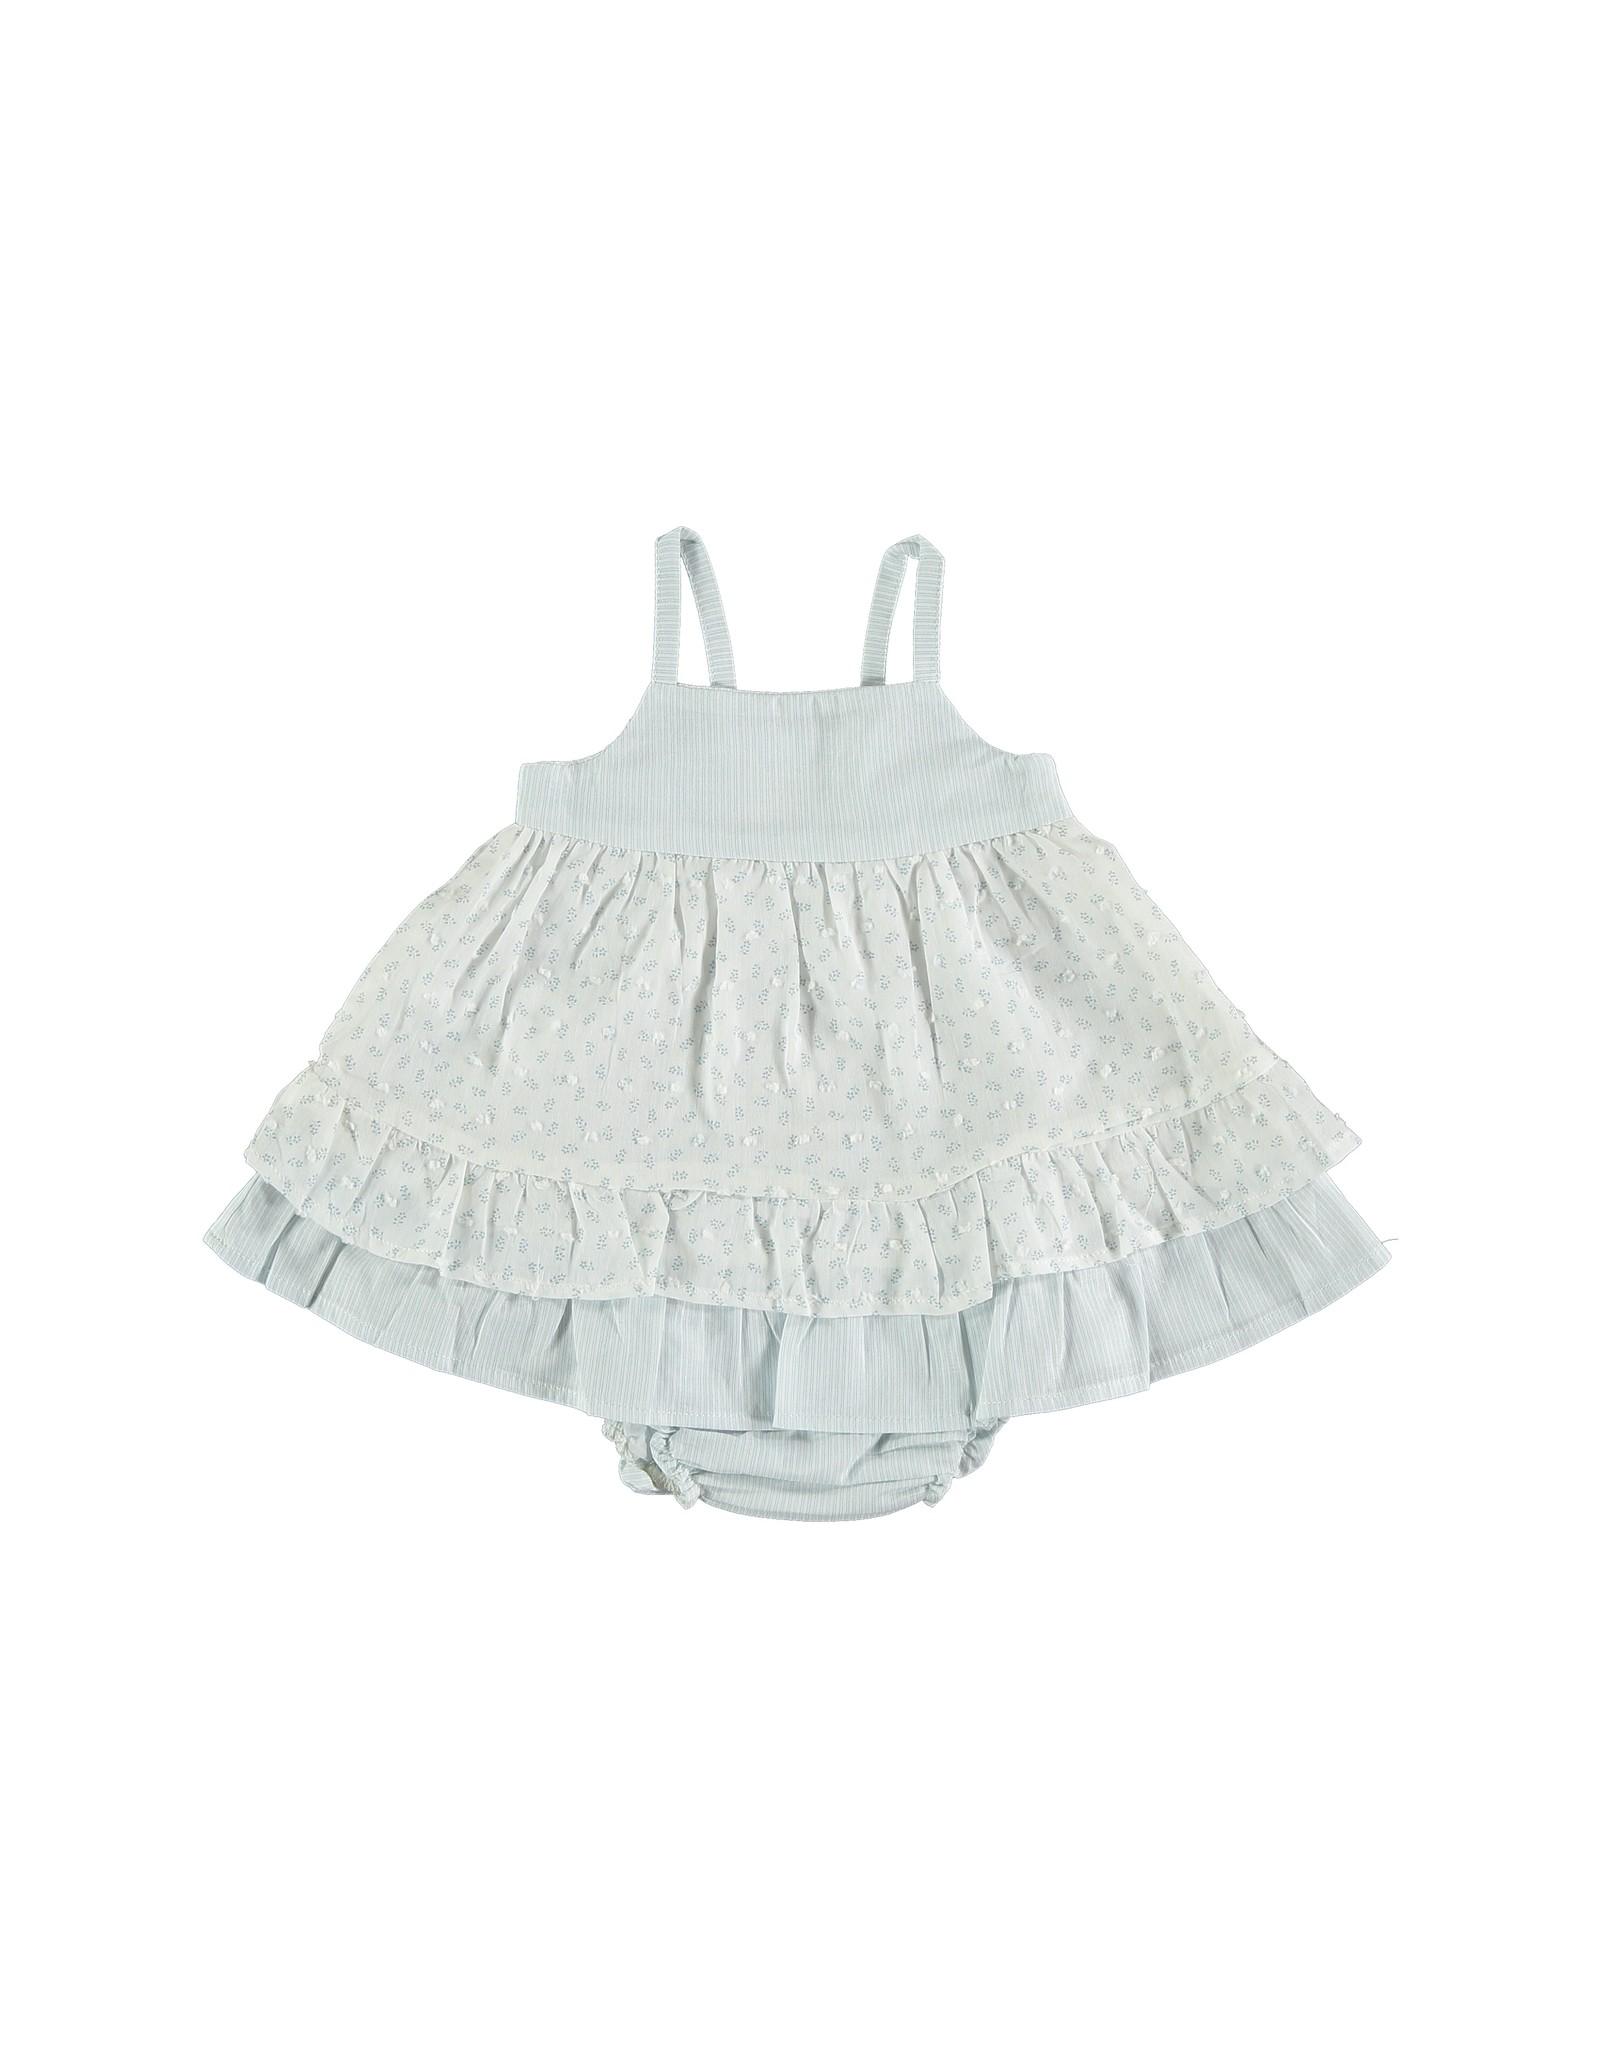 Petit Indi Petit Indi Dress with Culotte